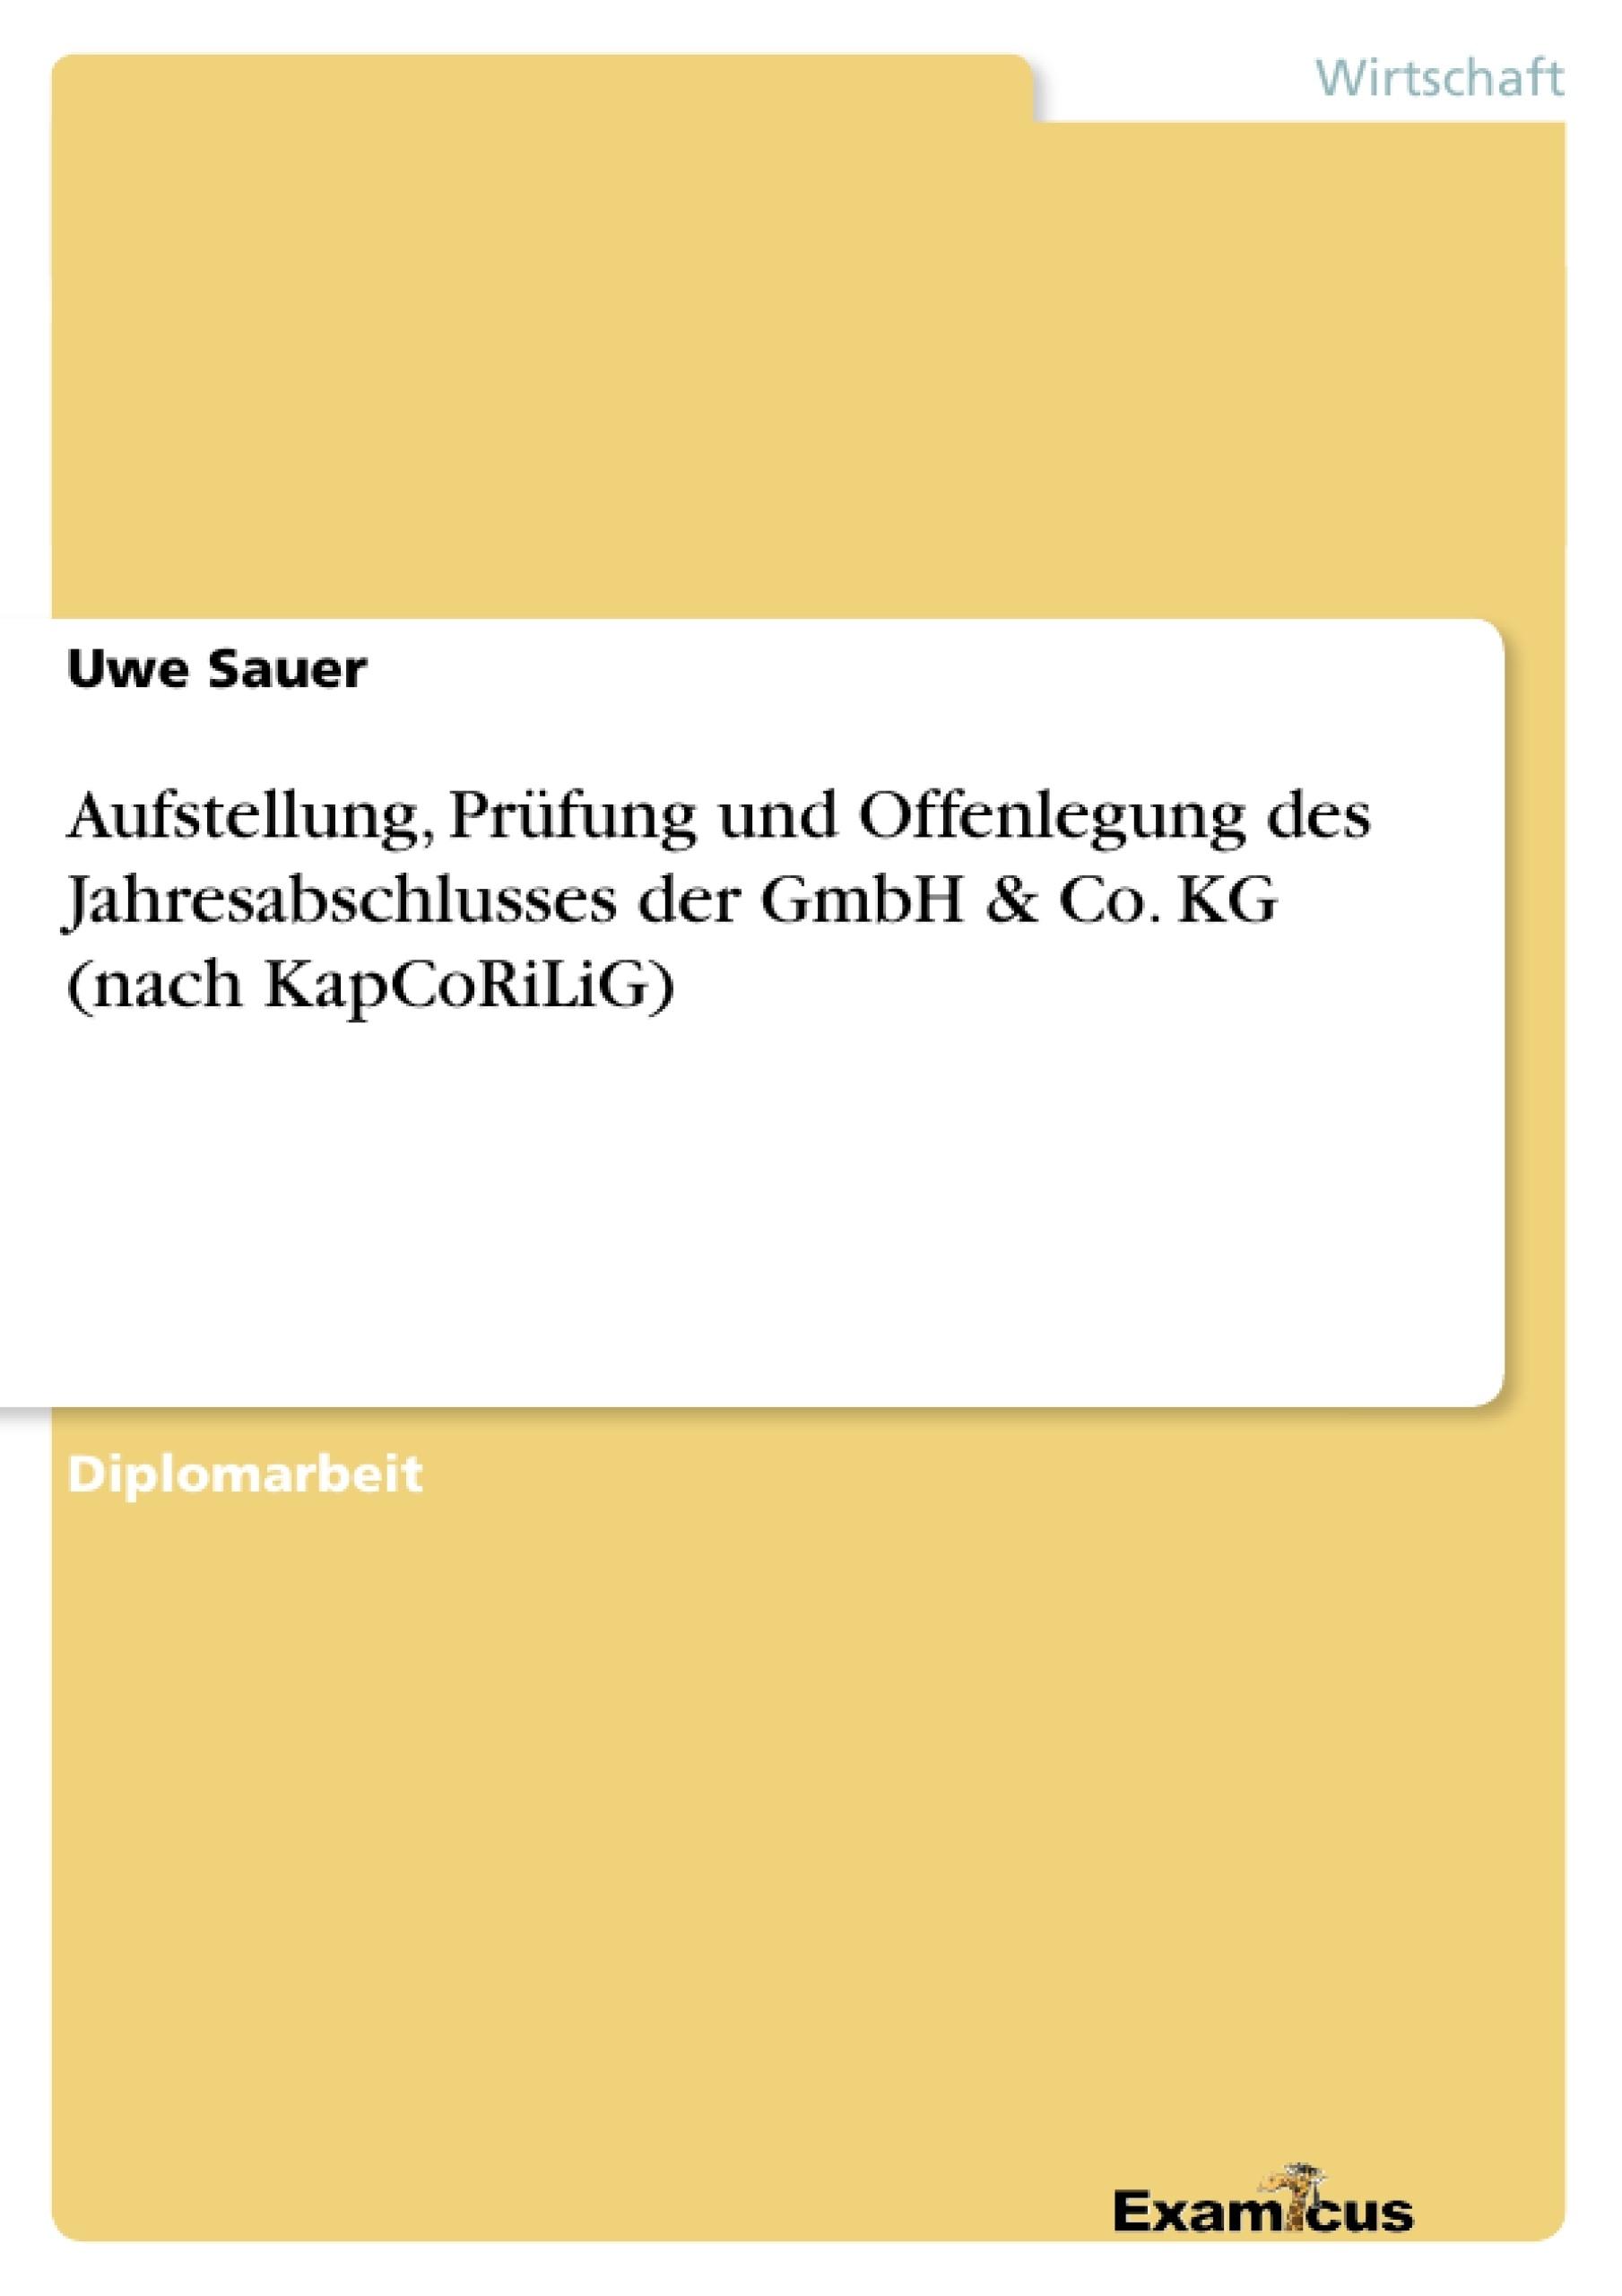 Titel: Aufstellung, Prüfung und Offenlegung des Jahresabschlusses der GmbH & Co. KG (nach KapCoRiLiG)